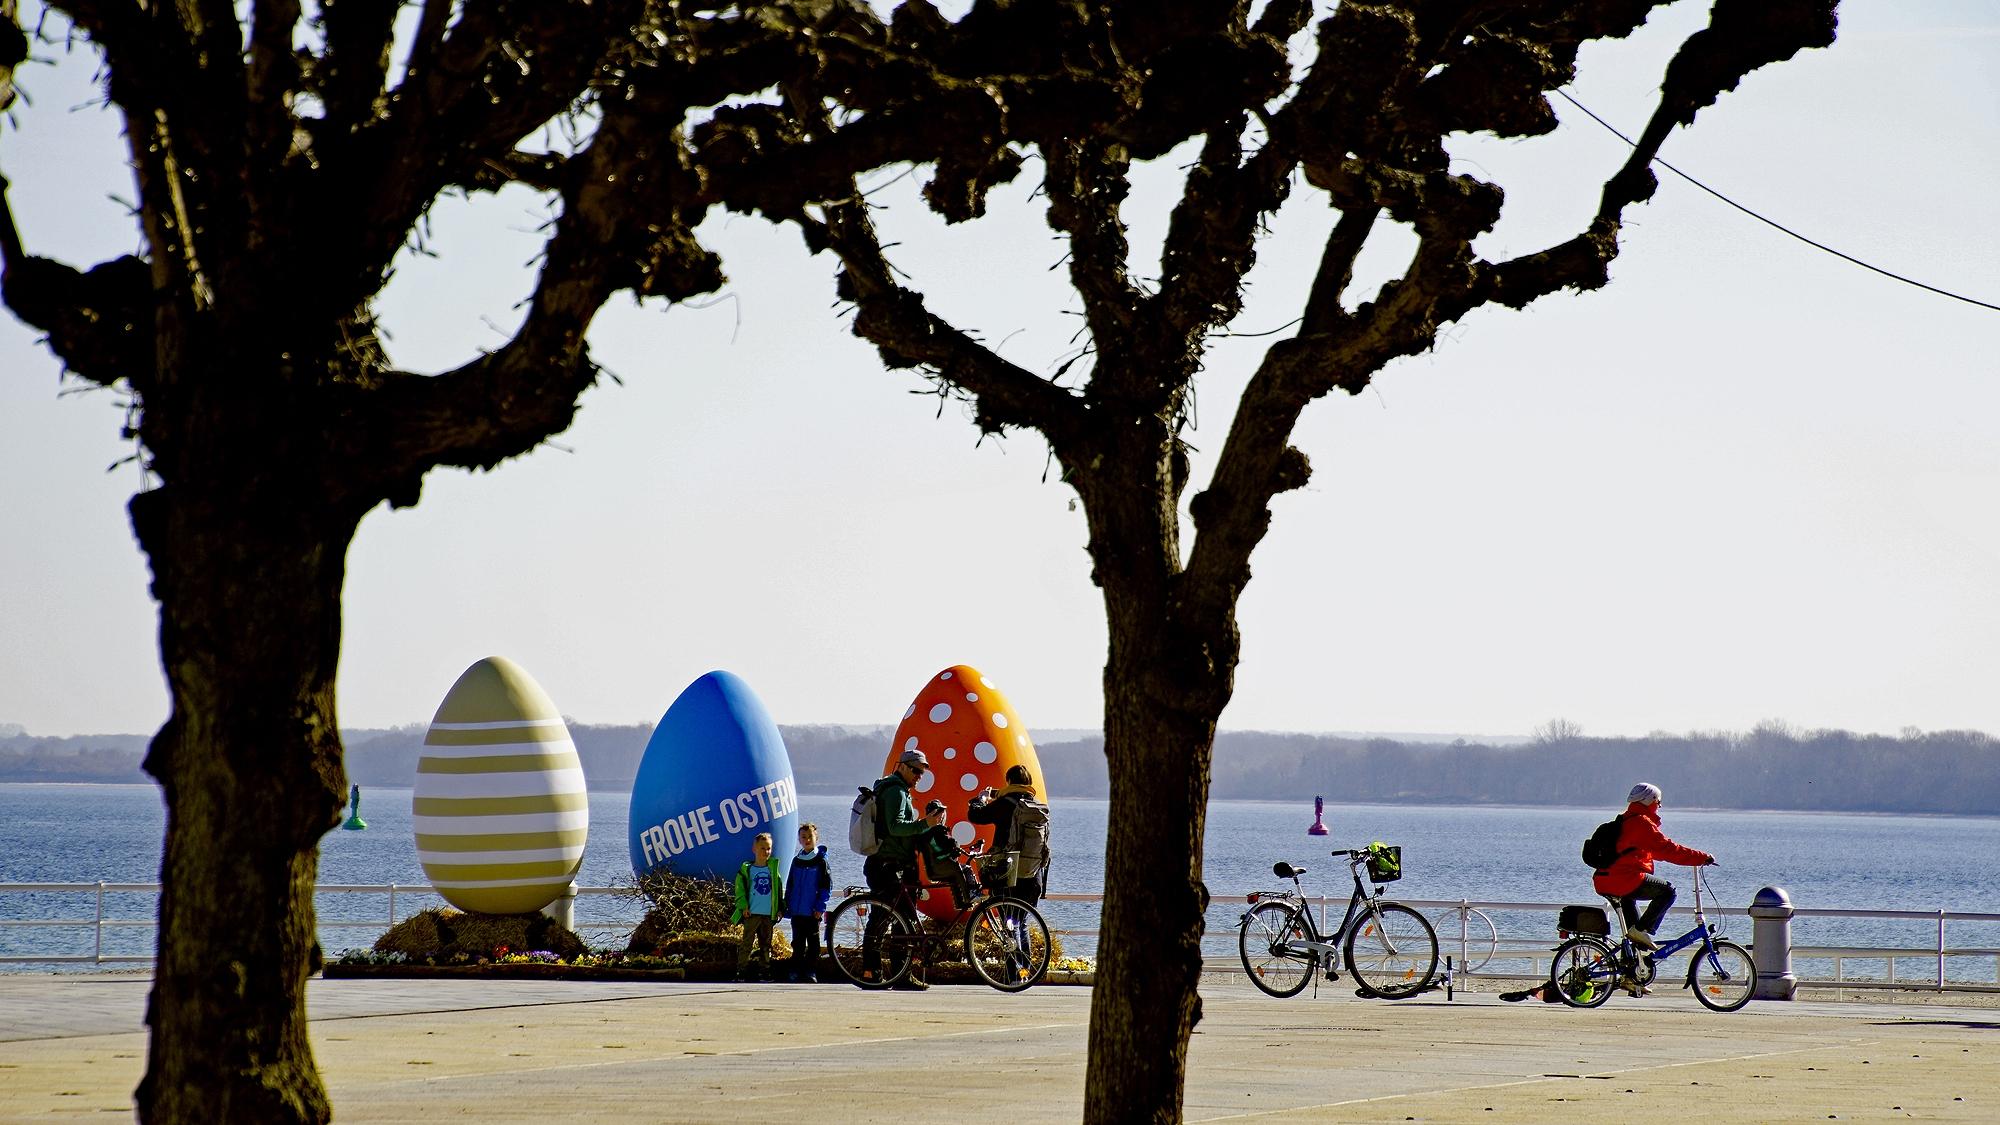 Riesen-Ostereier in Travemünde 2021 © TraveMedia